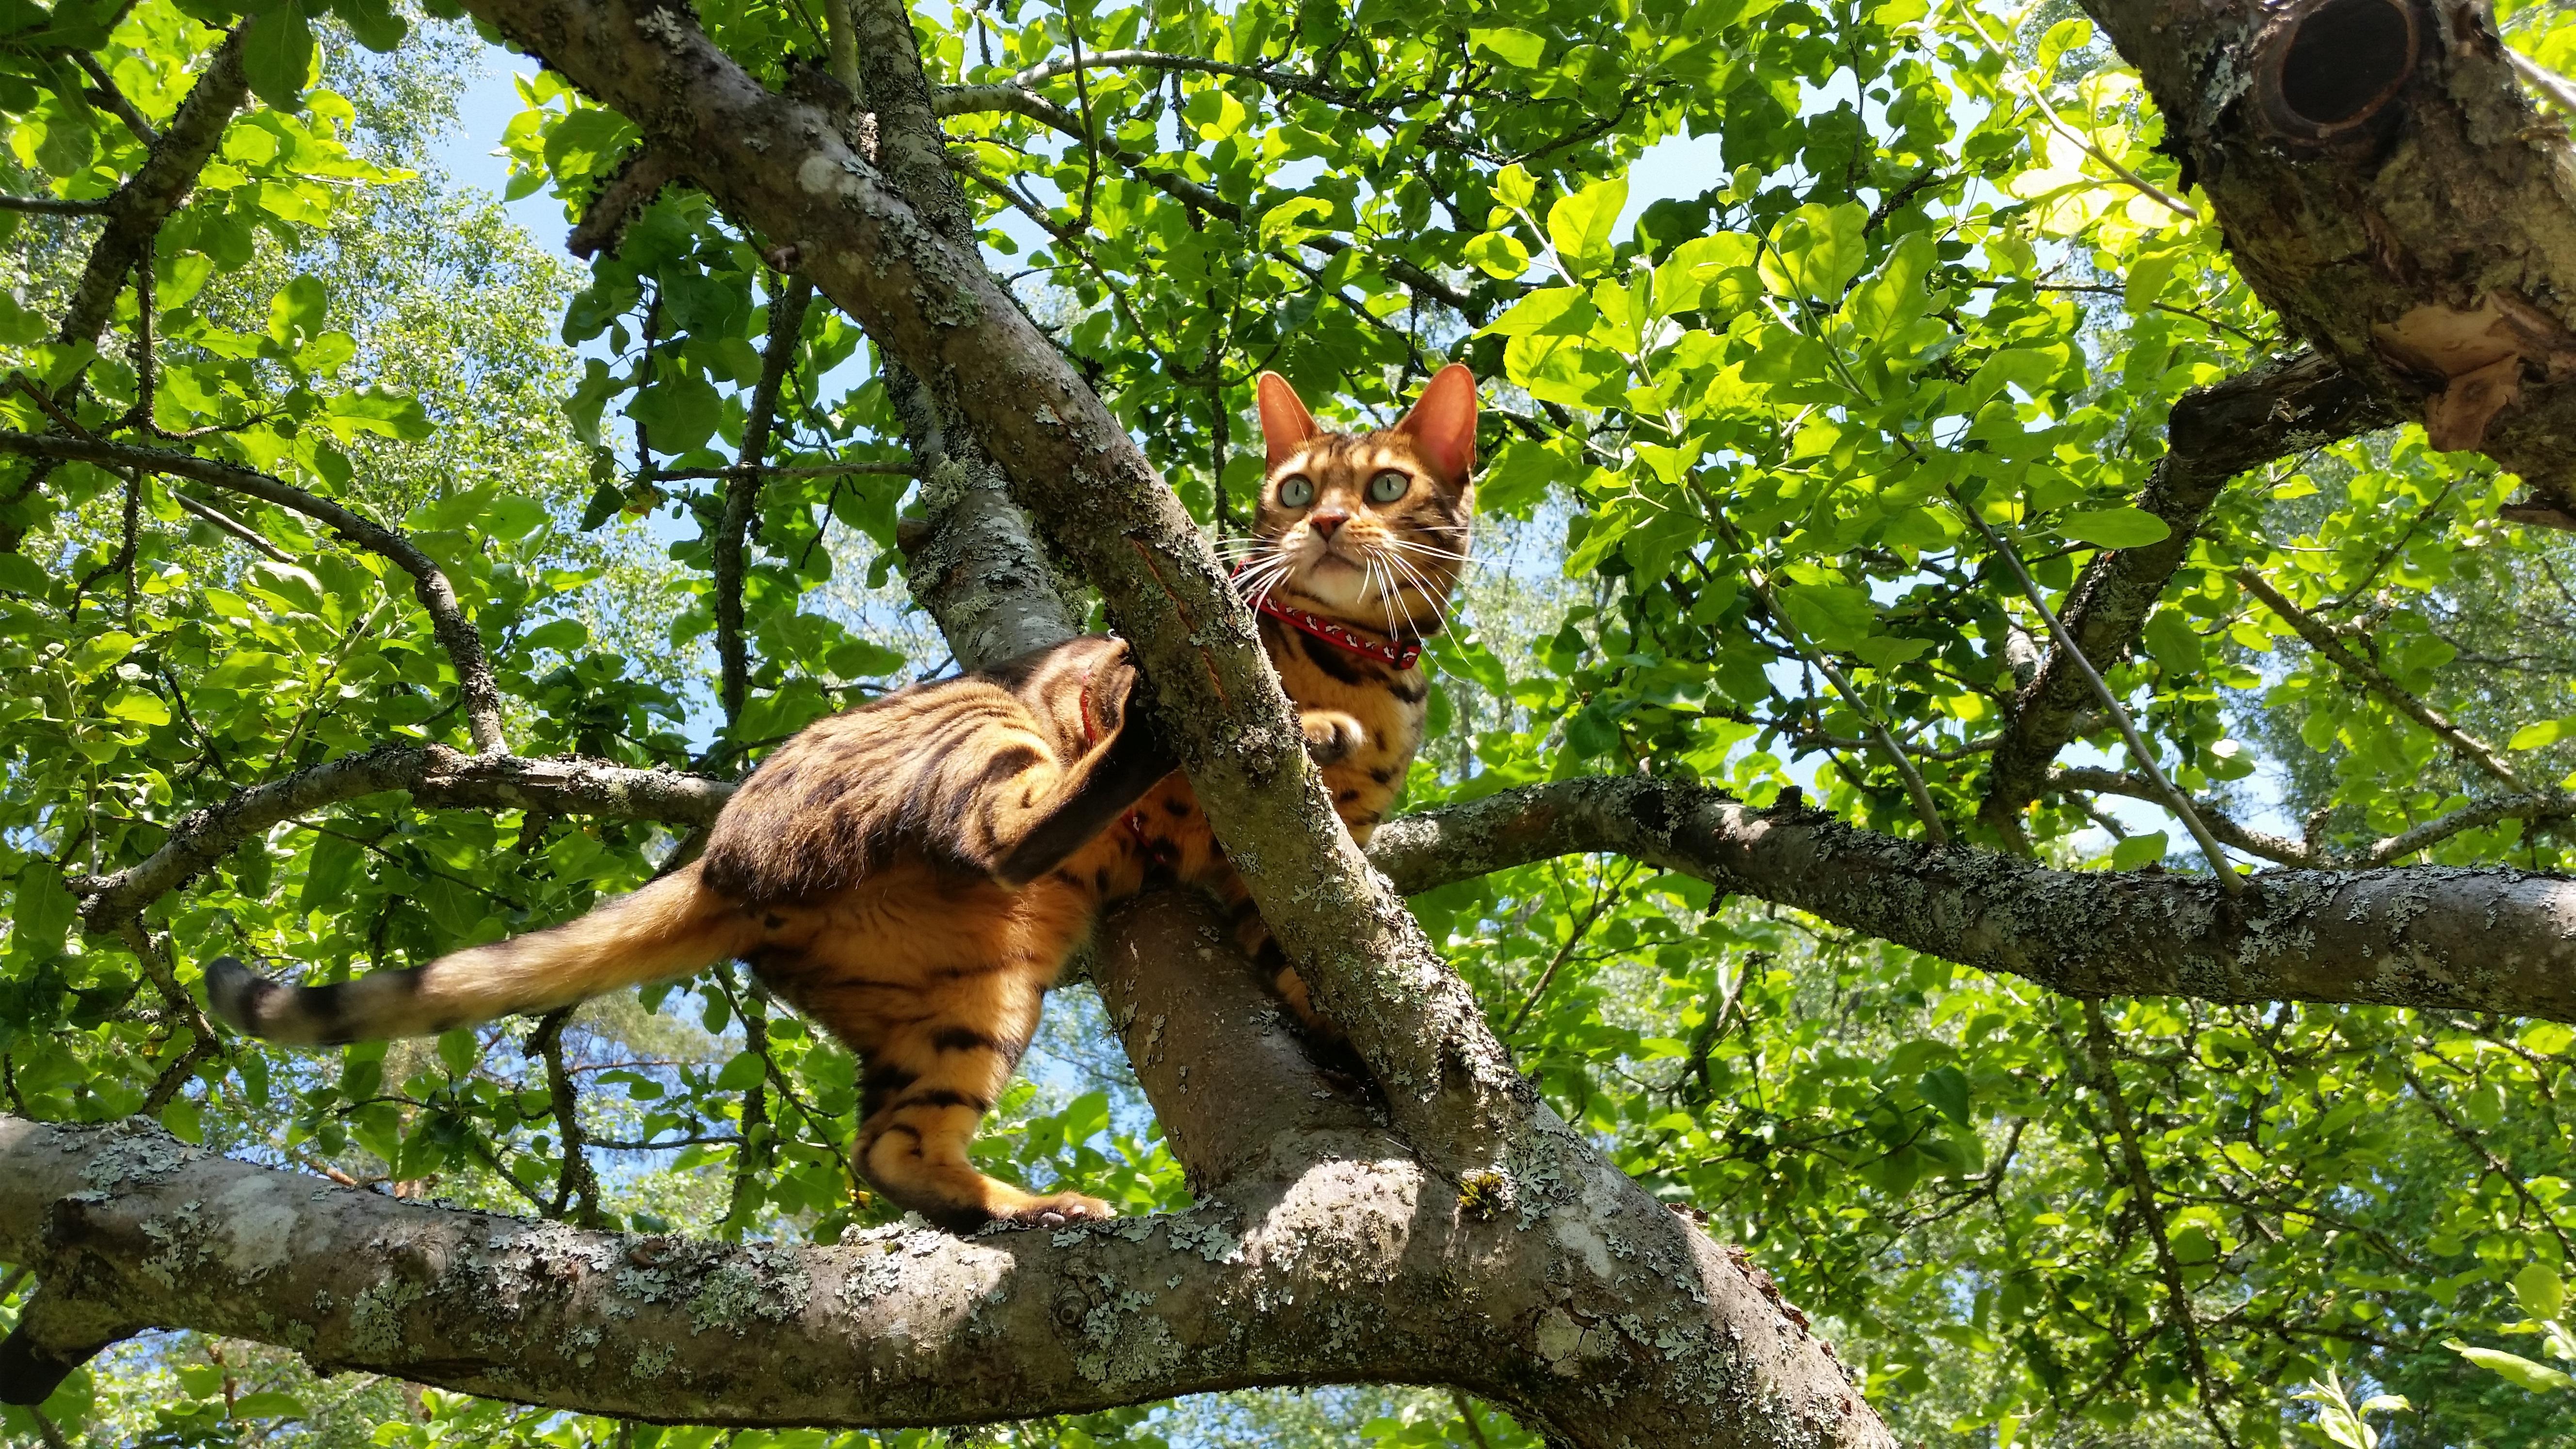 Bien-aimé Images Gratuites : arbre, branche, faune, zoo, jungle, chat  RK44